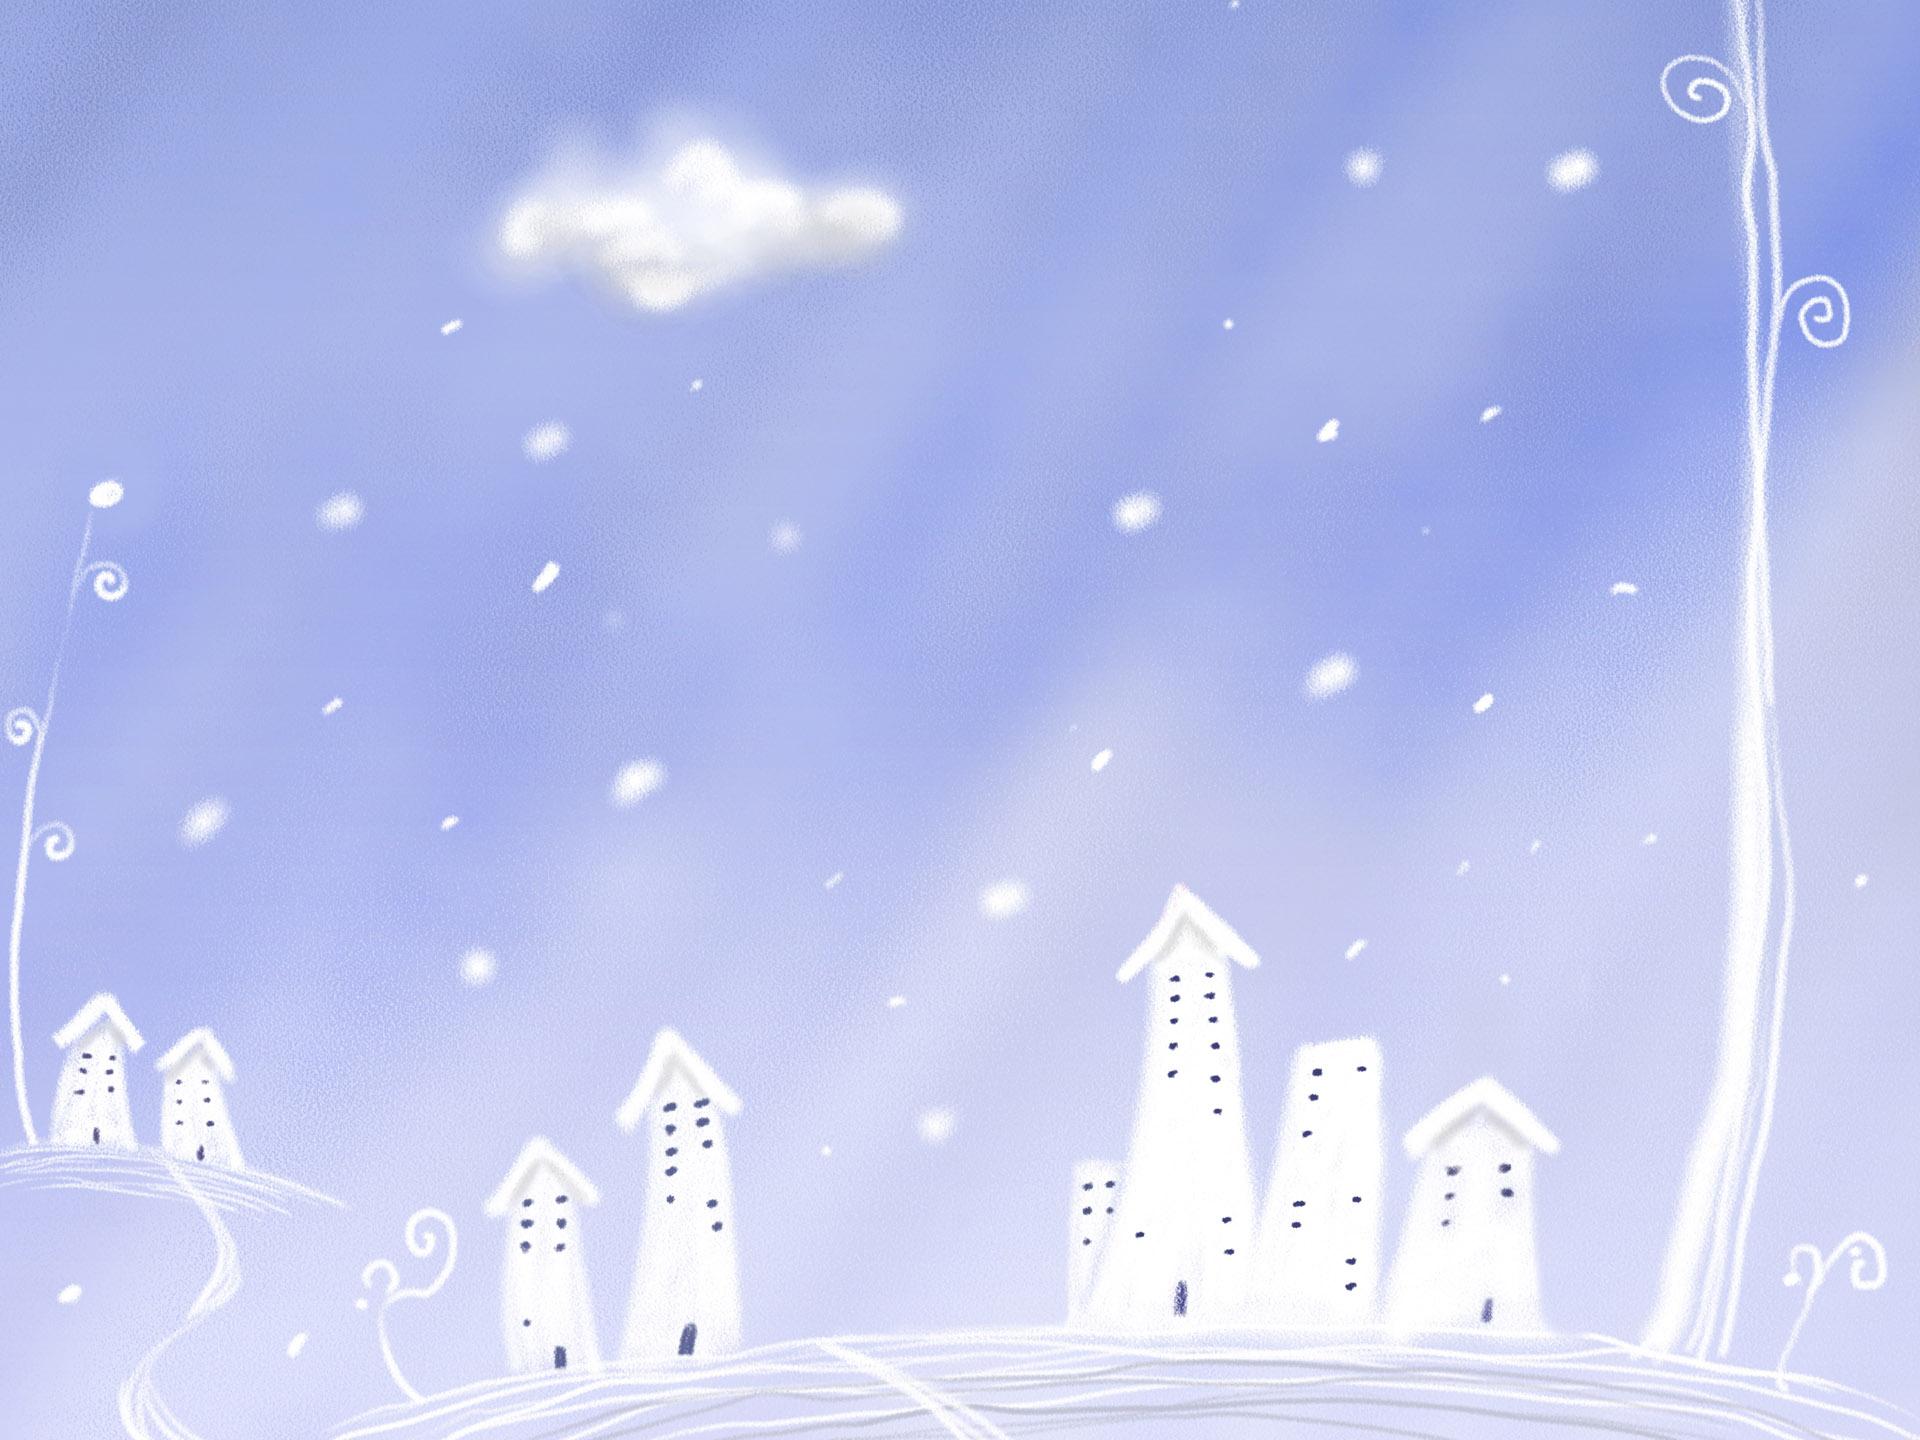 beautiful_season_winter_illustration_art_4010